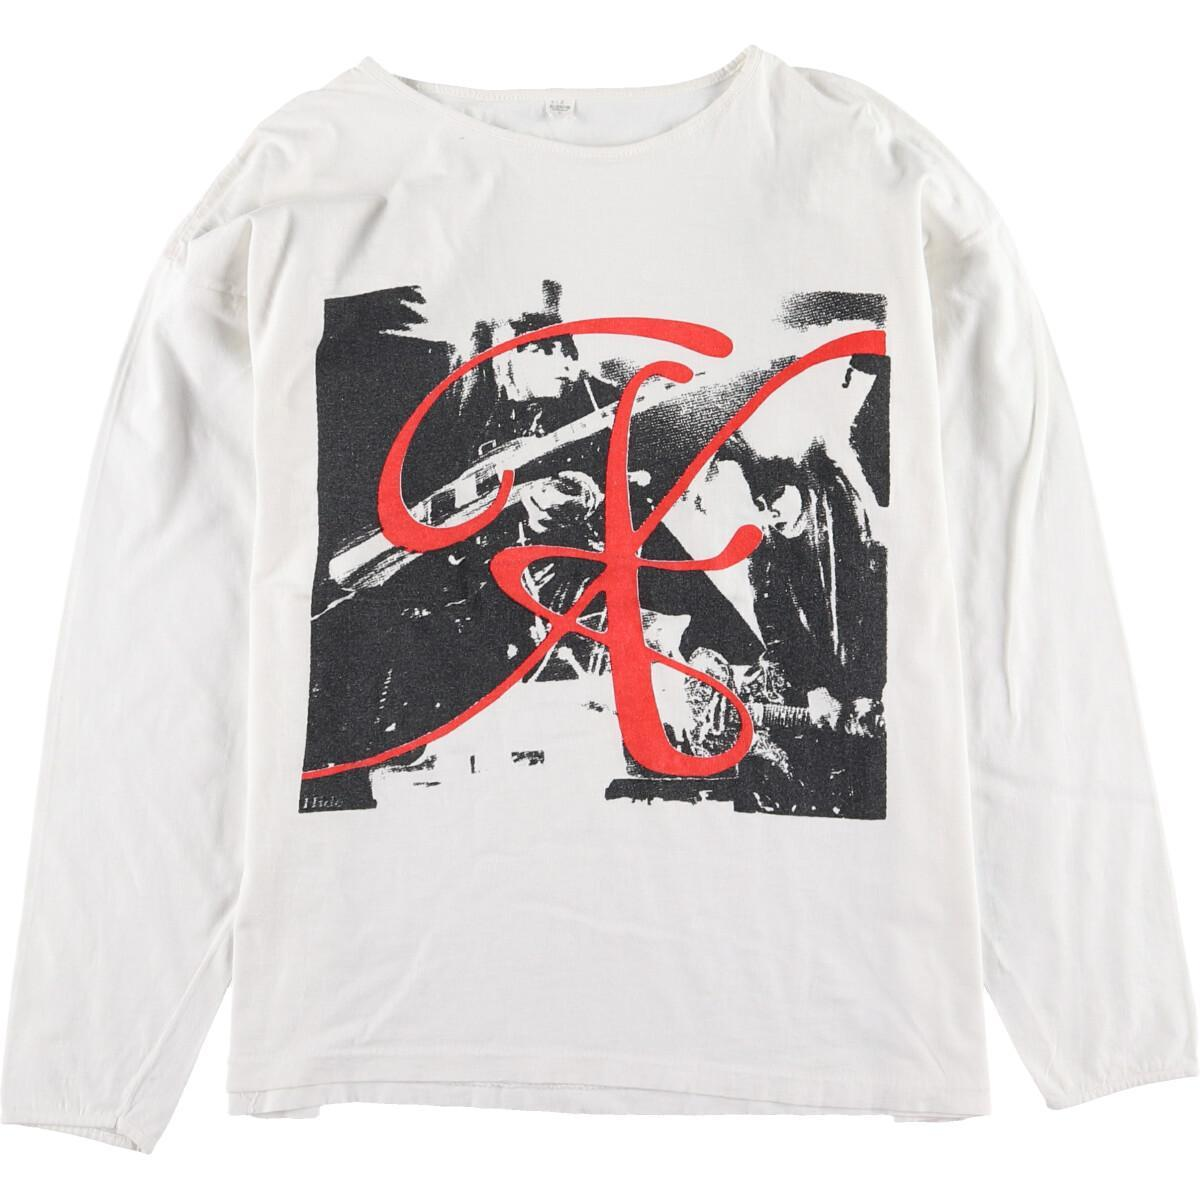 90年代 X JAPAN エックスジャパン ロンT バンドTシャツ メンズS ヴィンテージ /eaa012857 【中古】 【200307】【VTG】